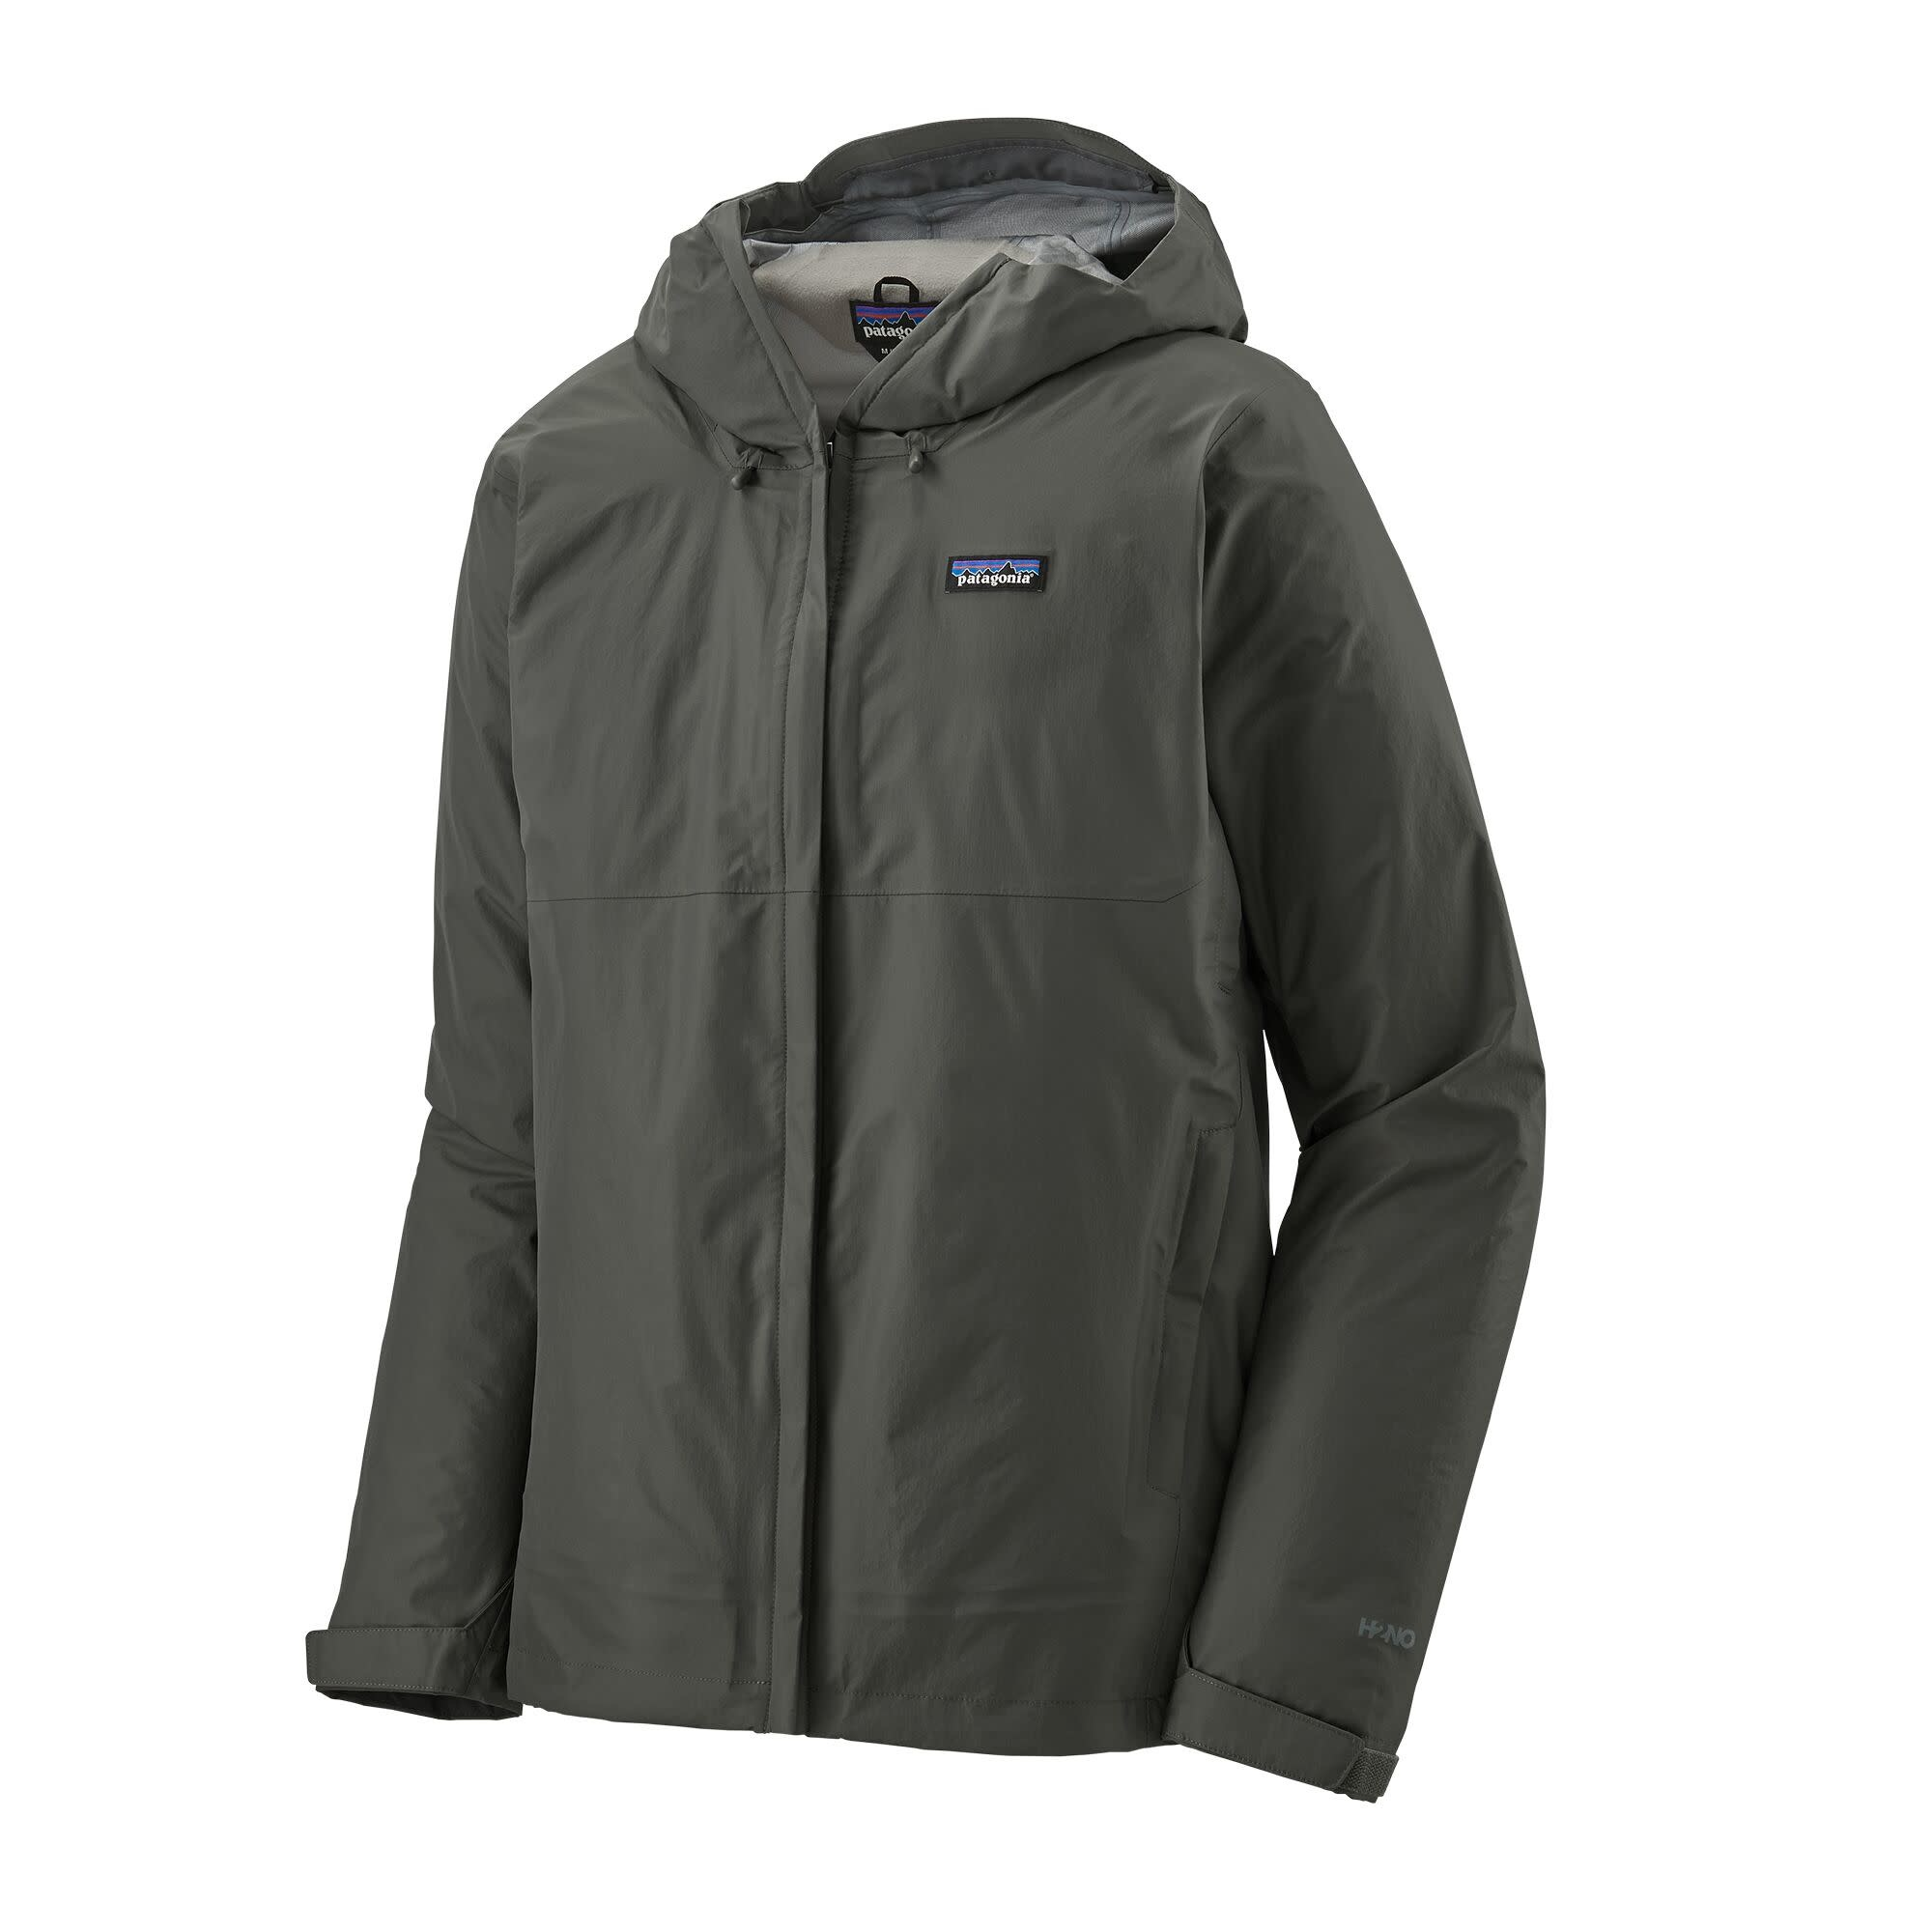 Patagonia Patagonia Torrentshell 3L Jacket